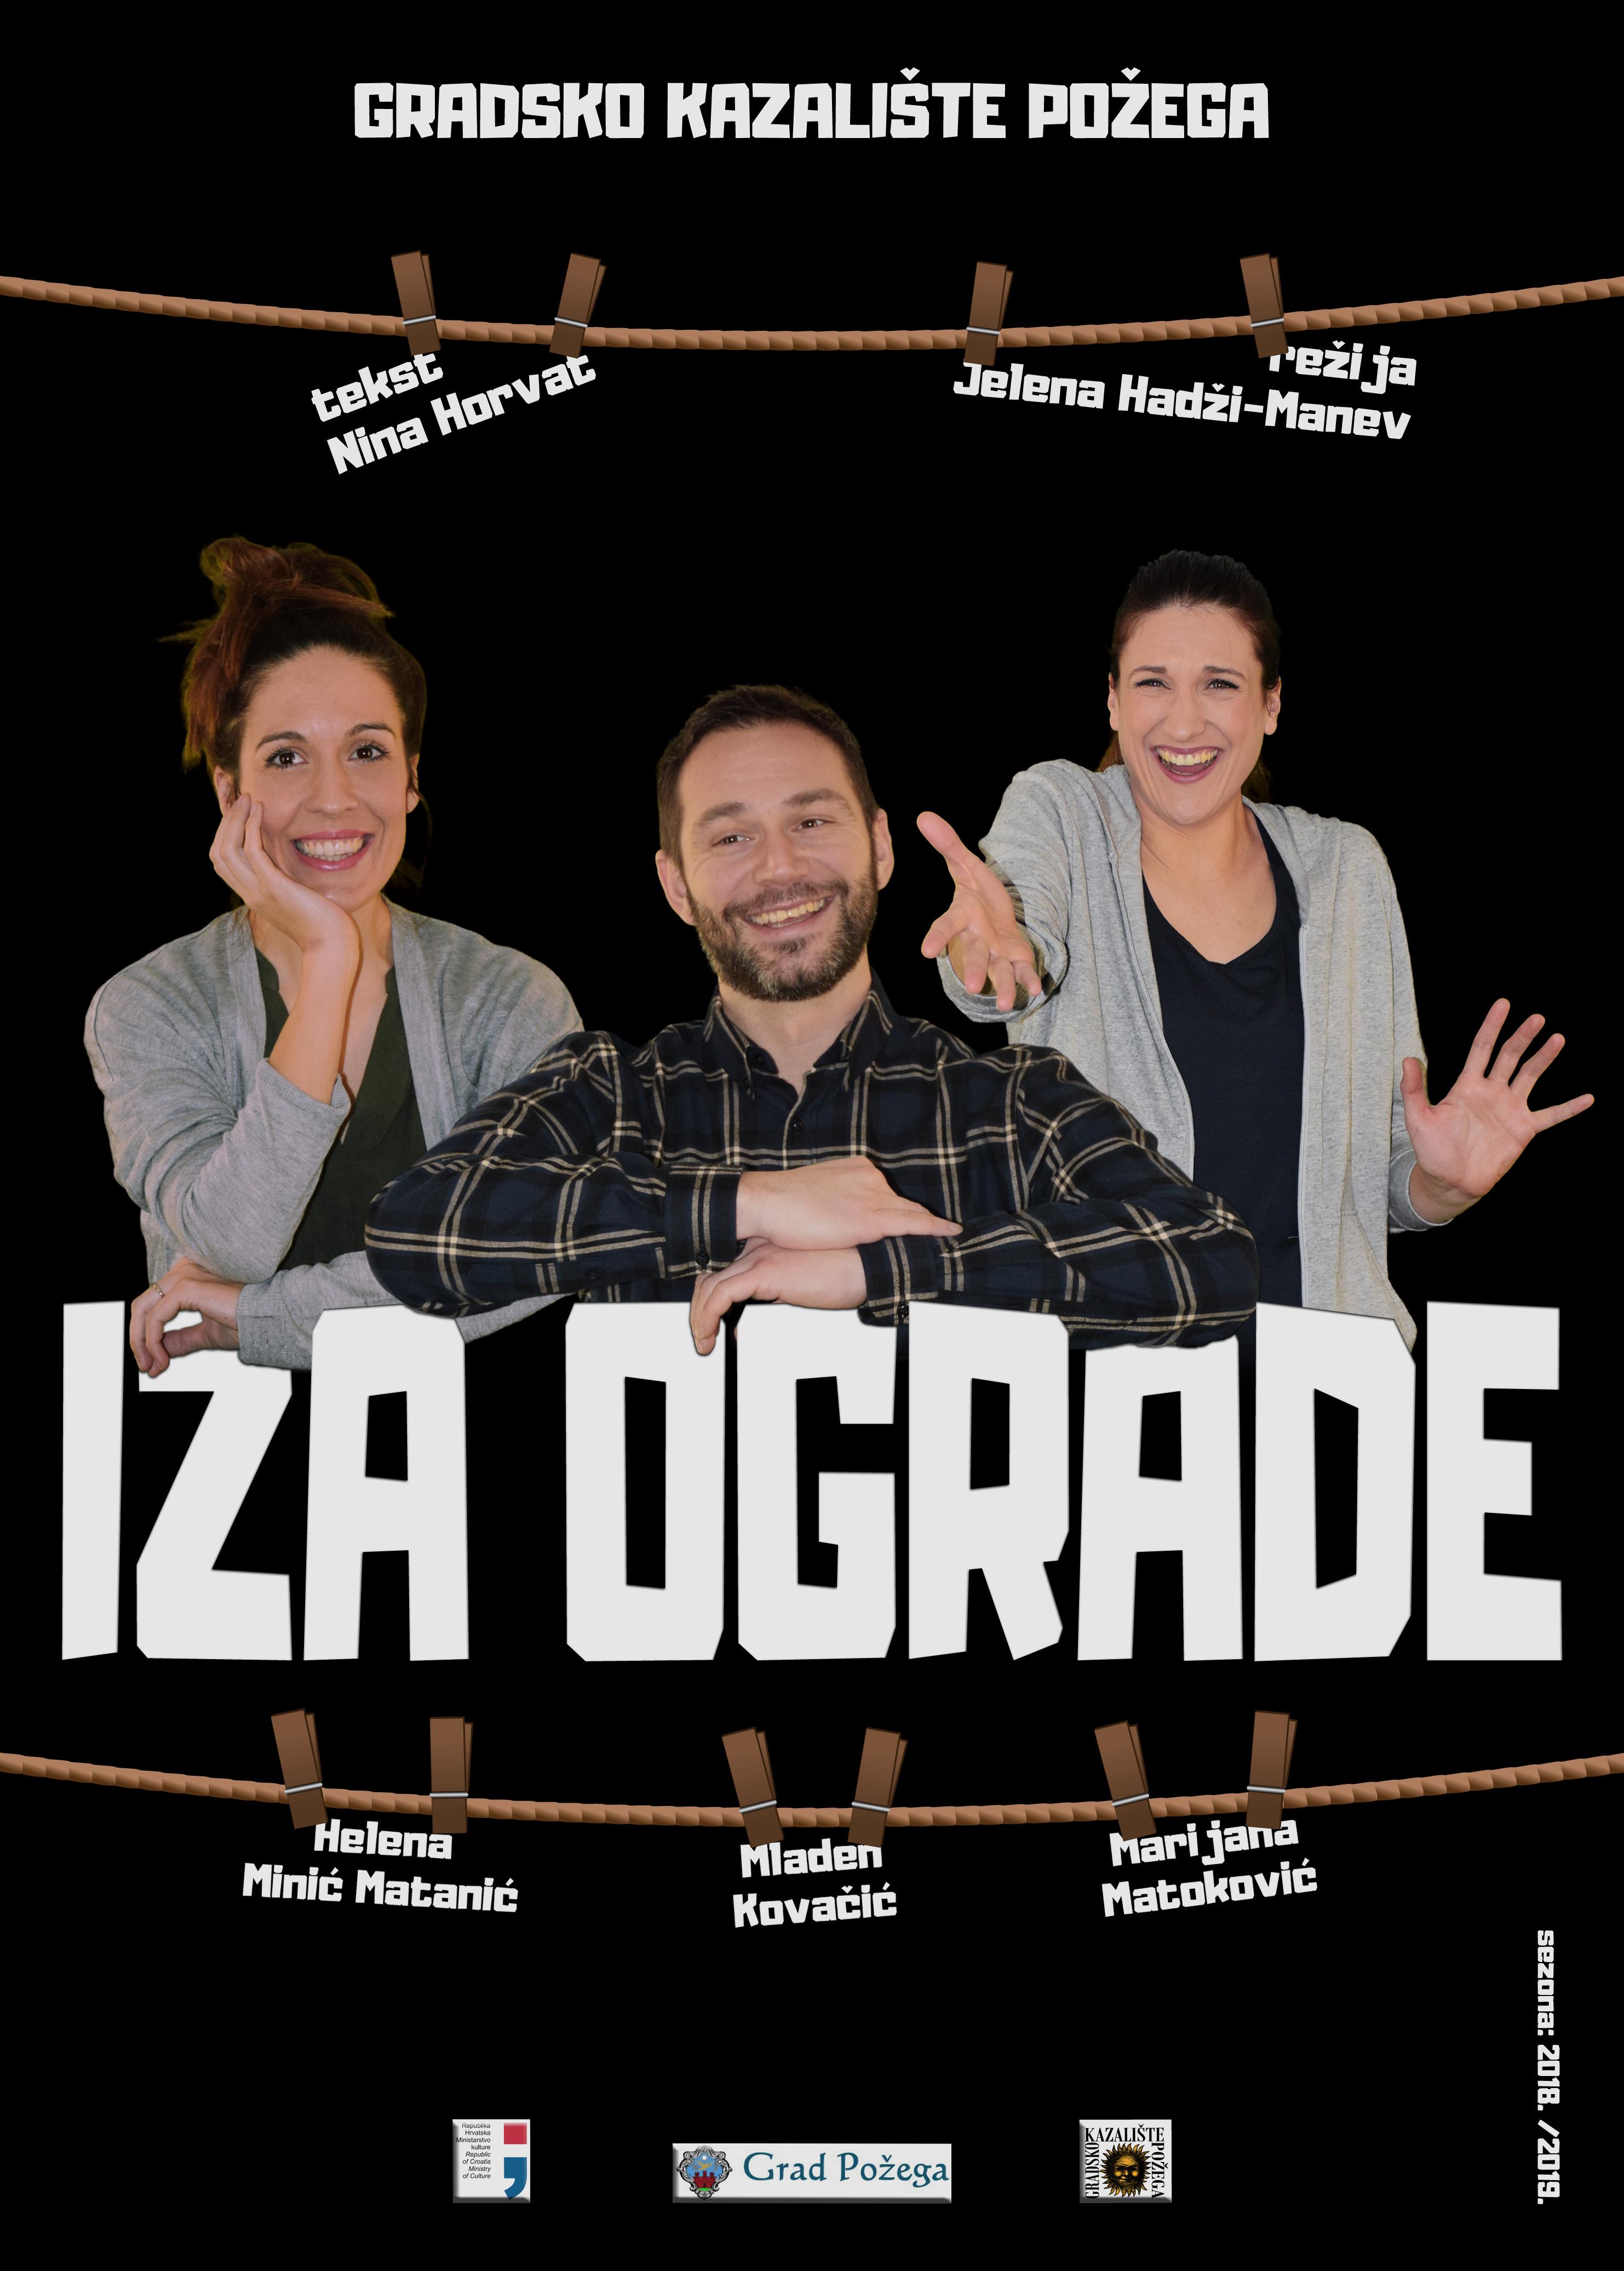 Premijera predstave 'Iza ograde' u Gradskom kazalištu Požega